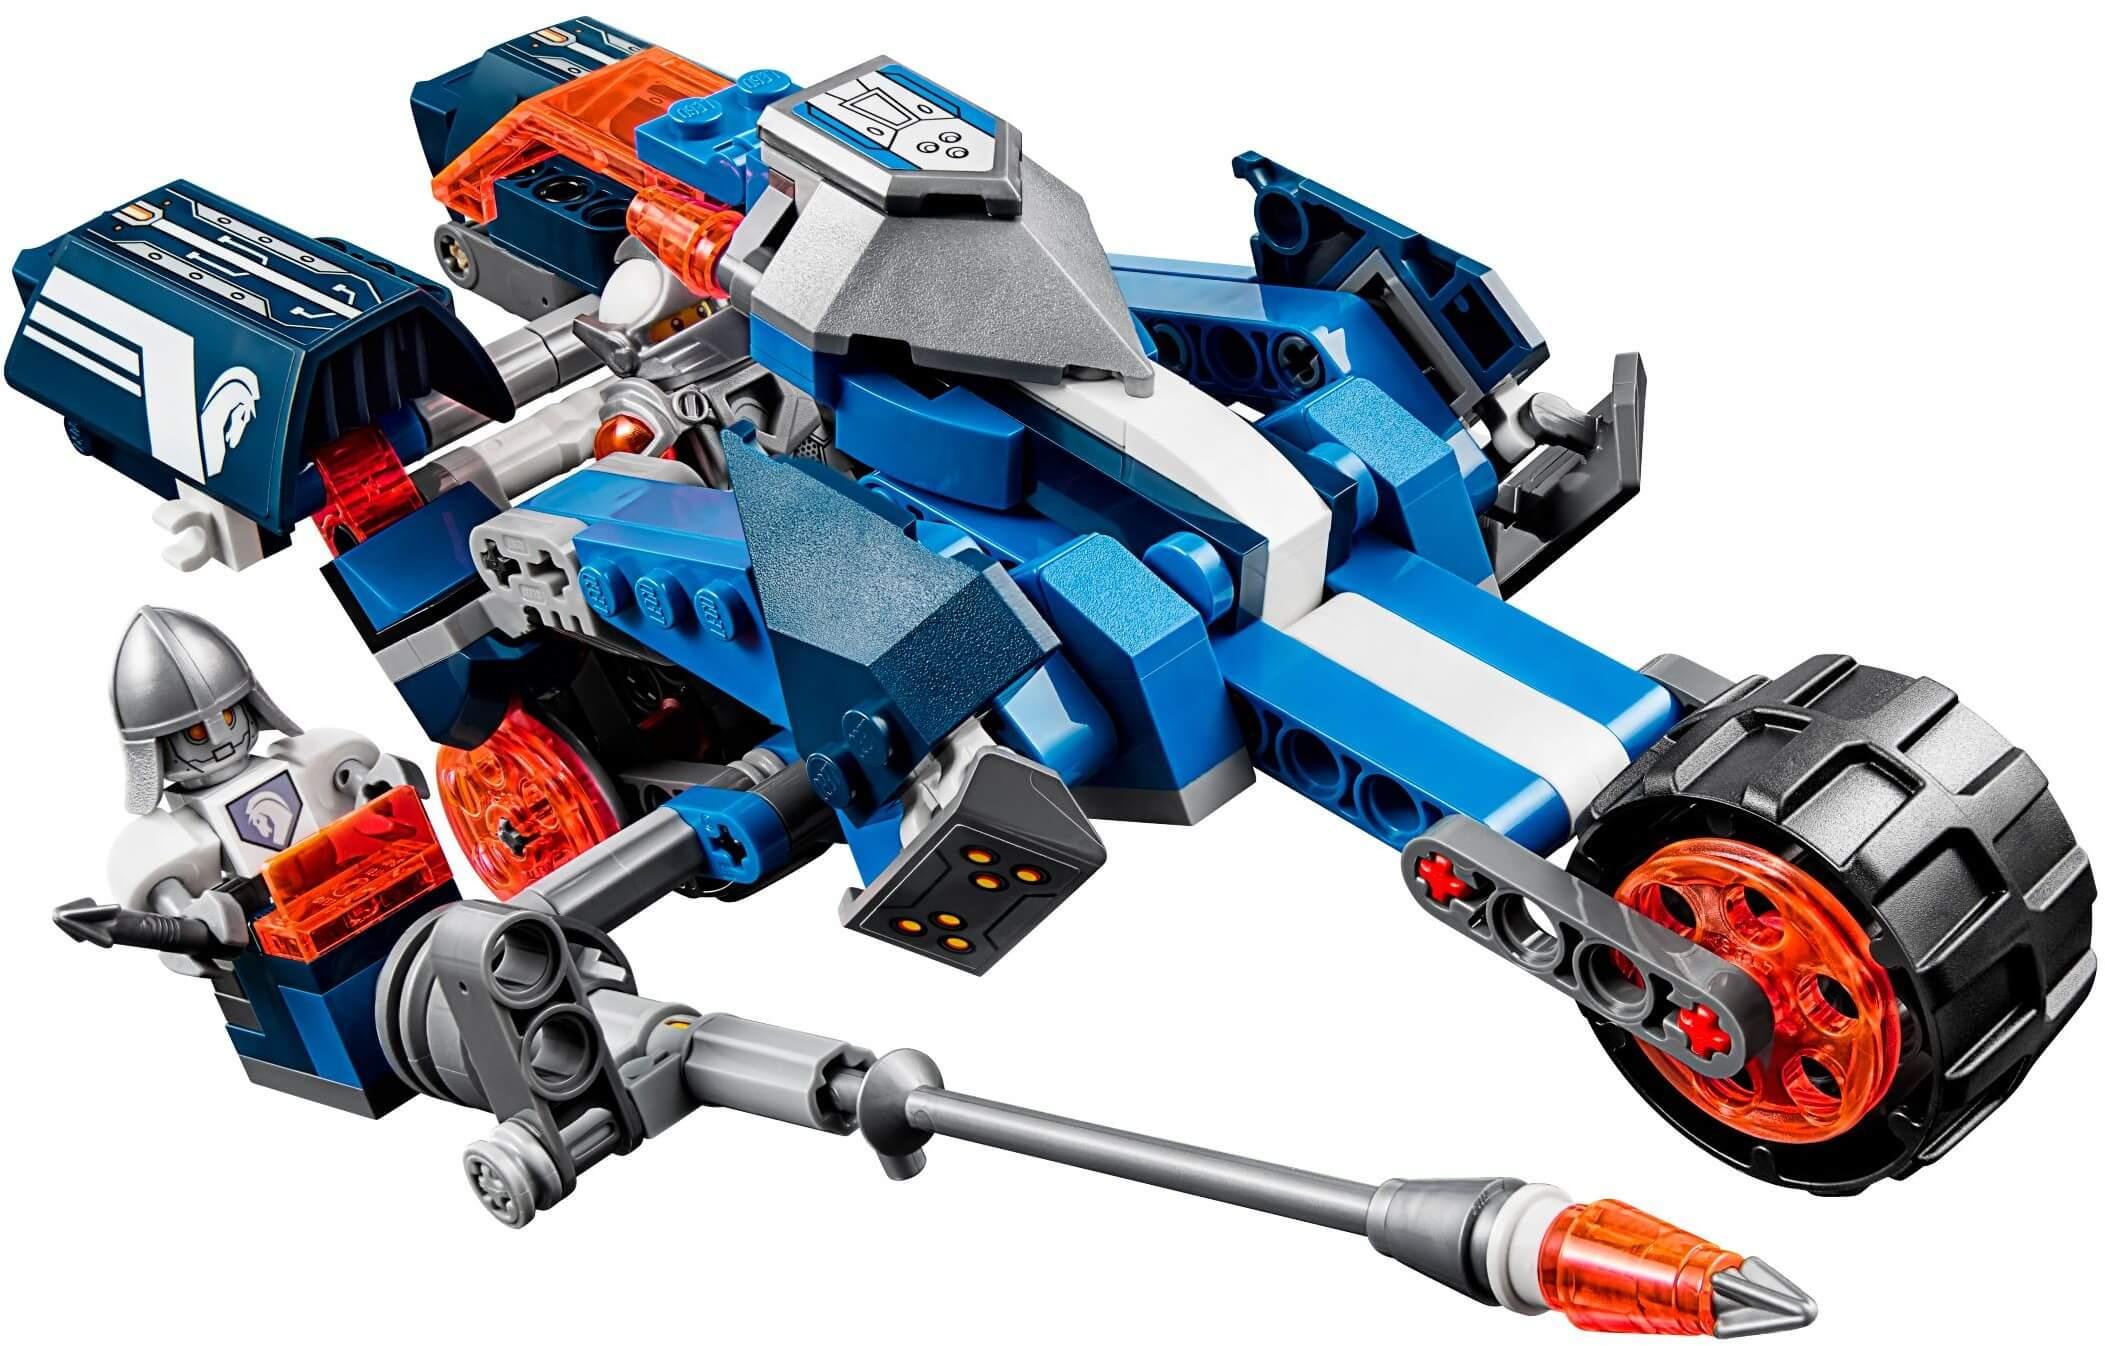 Mua đồ chơi LEGO 70312 - LEGO Nexo Knights 70312 - Ngựa Máy khổng lồ của Lance (LEGO Nexo Knights Lance's Mecha Horse 70312)